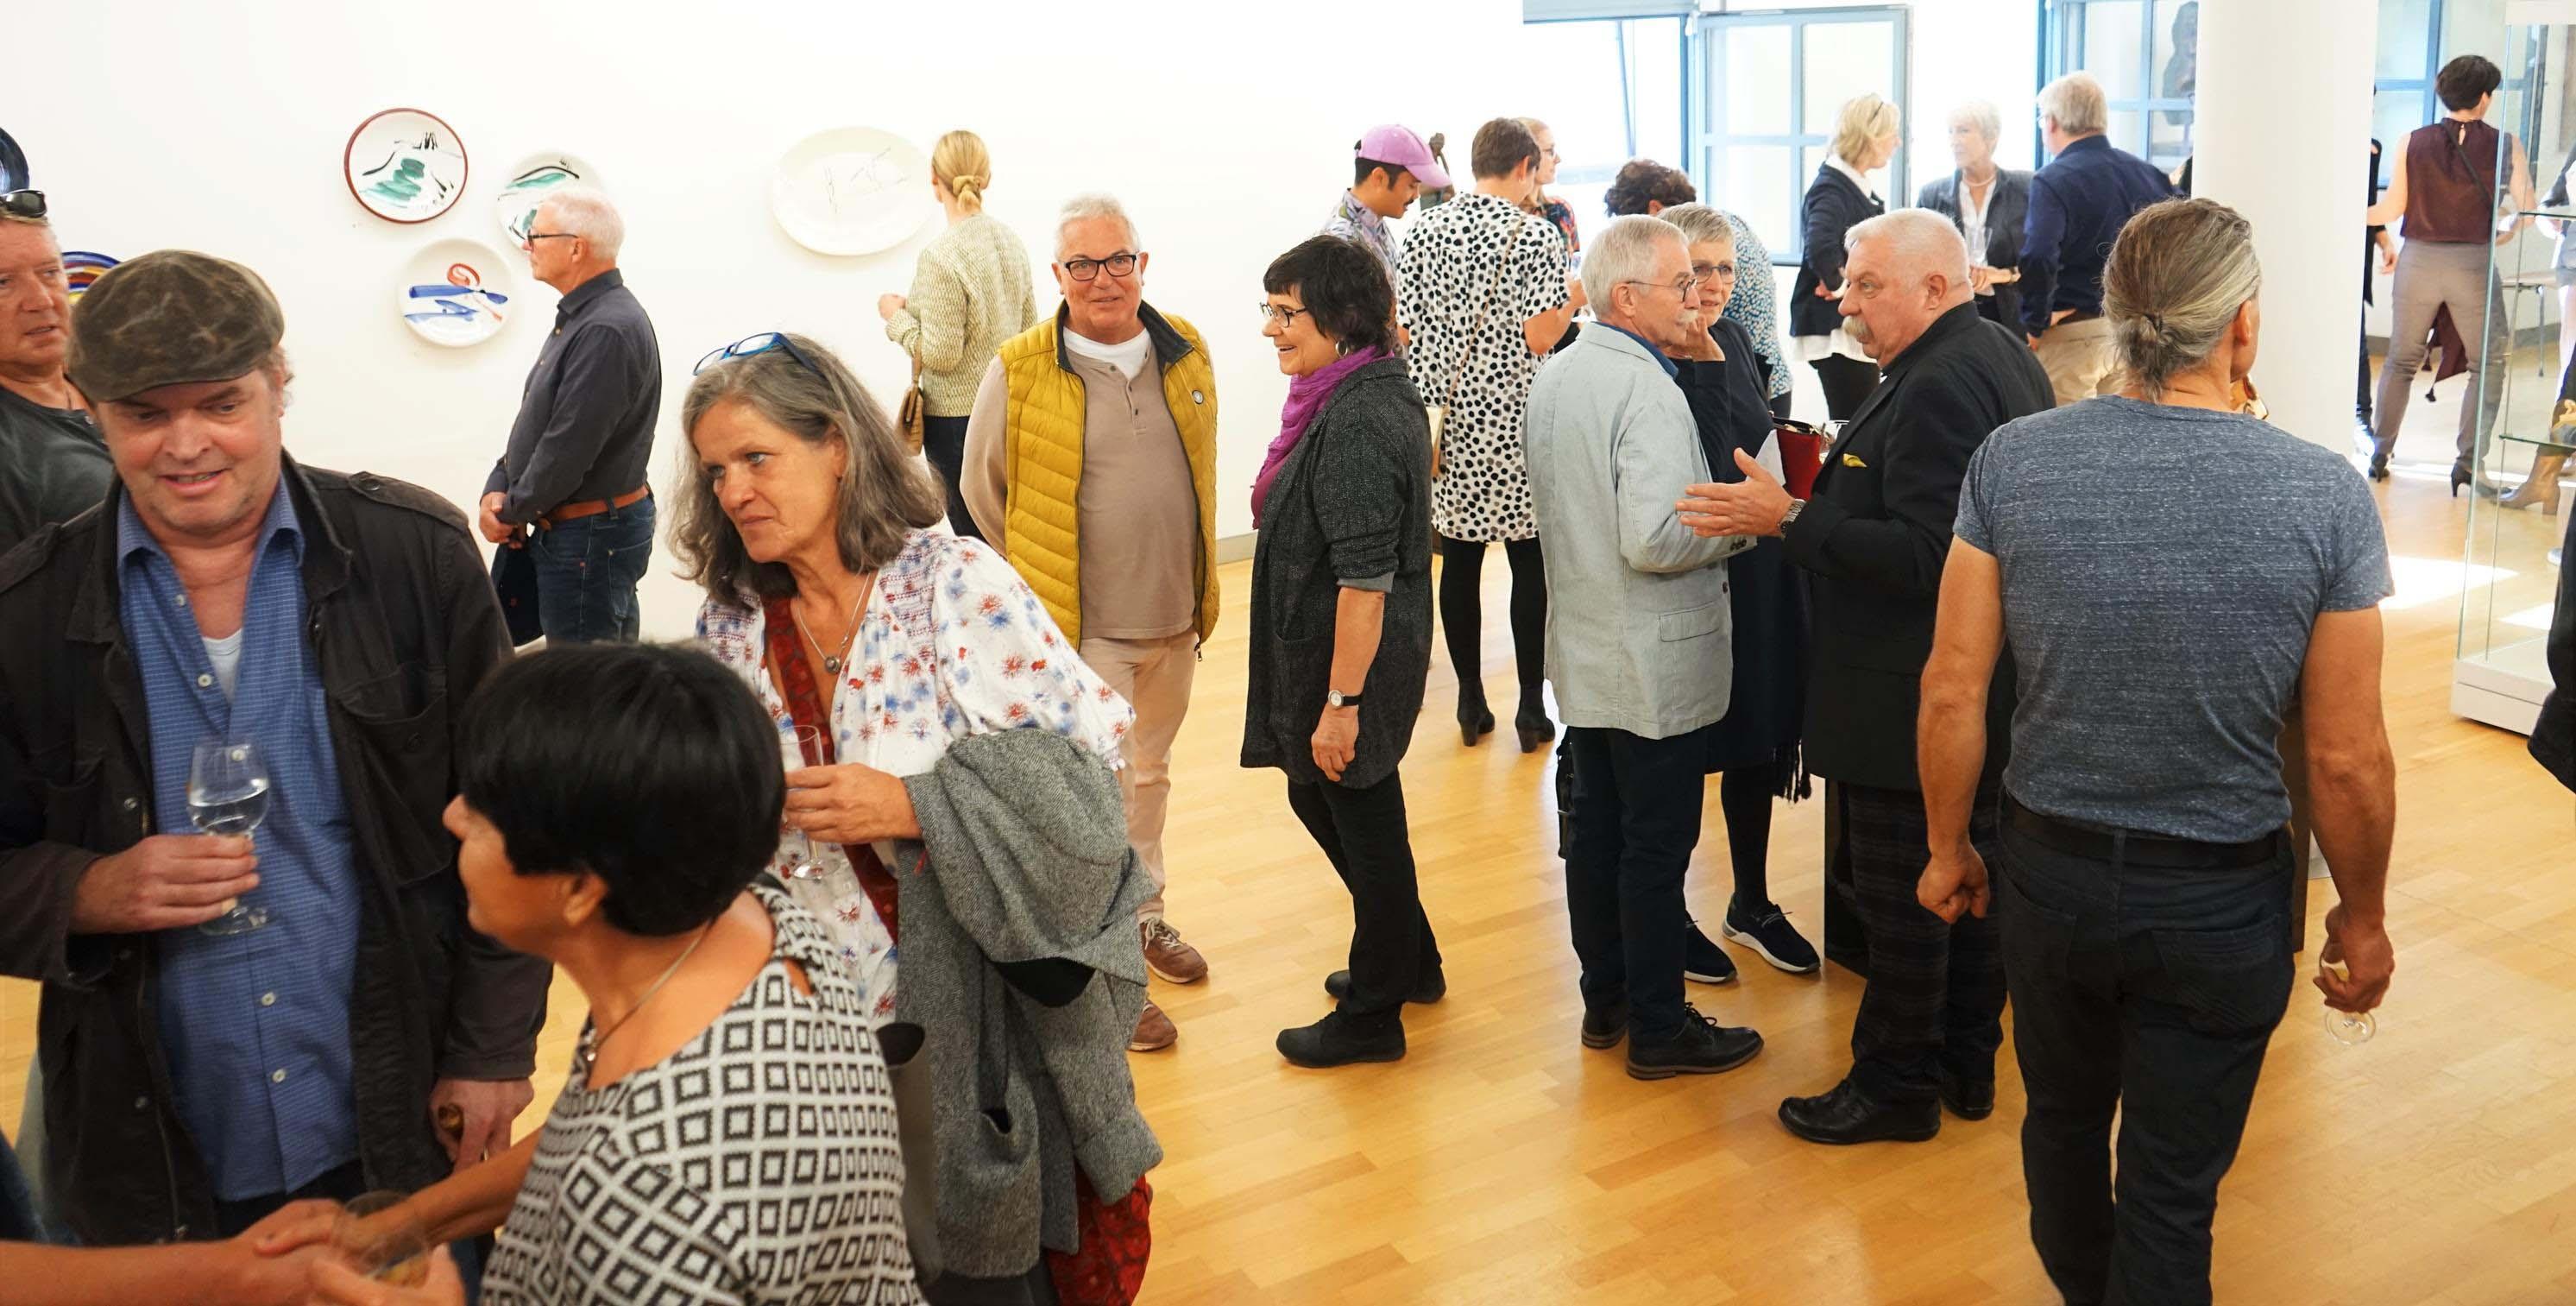 Kunstverein Ausstellungseröffnung 13 Oktober 2019